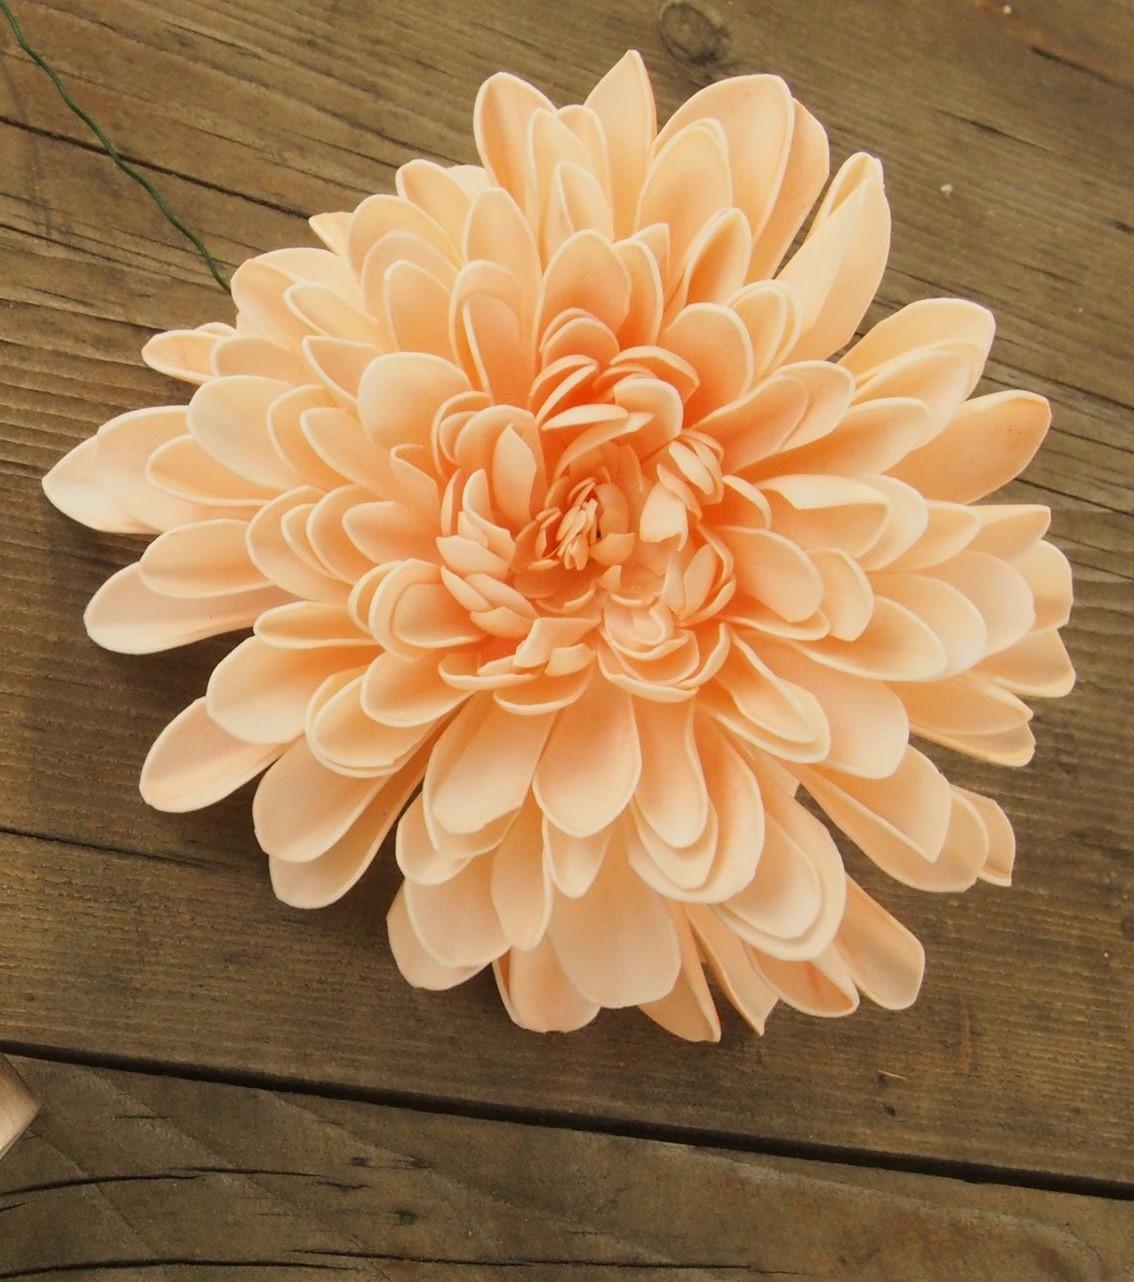 Foamiránové květy - Obrázek č. 1